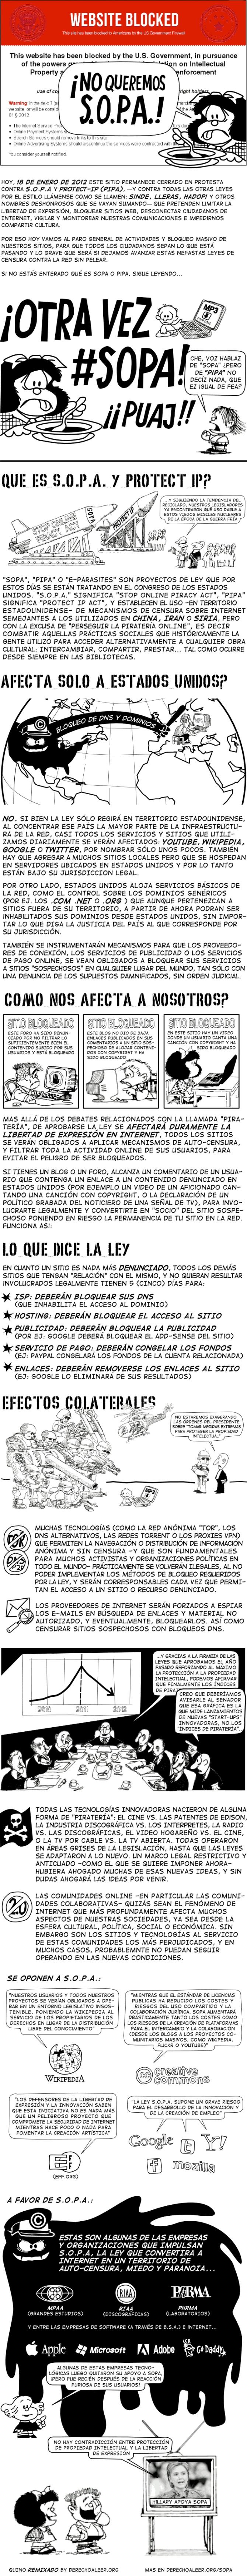 Derecho a Leer - Infografía SOPA